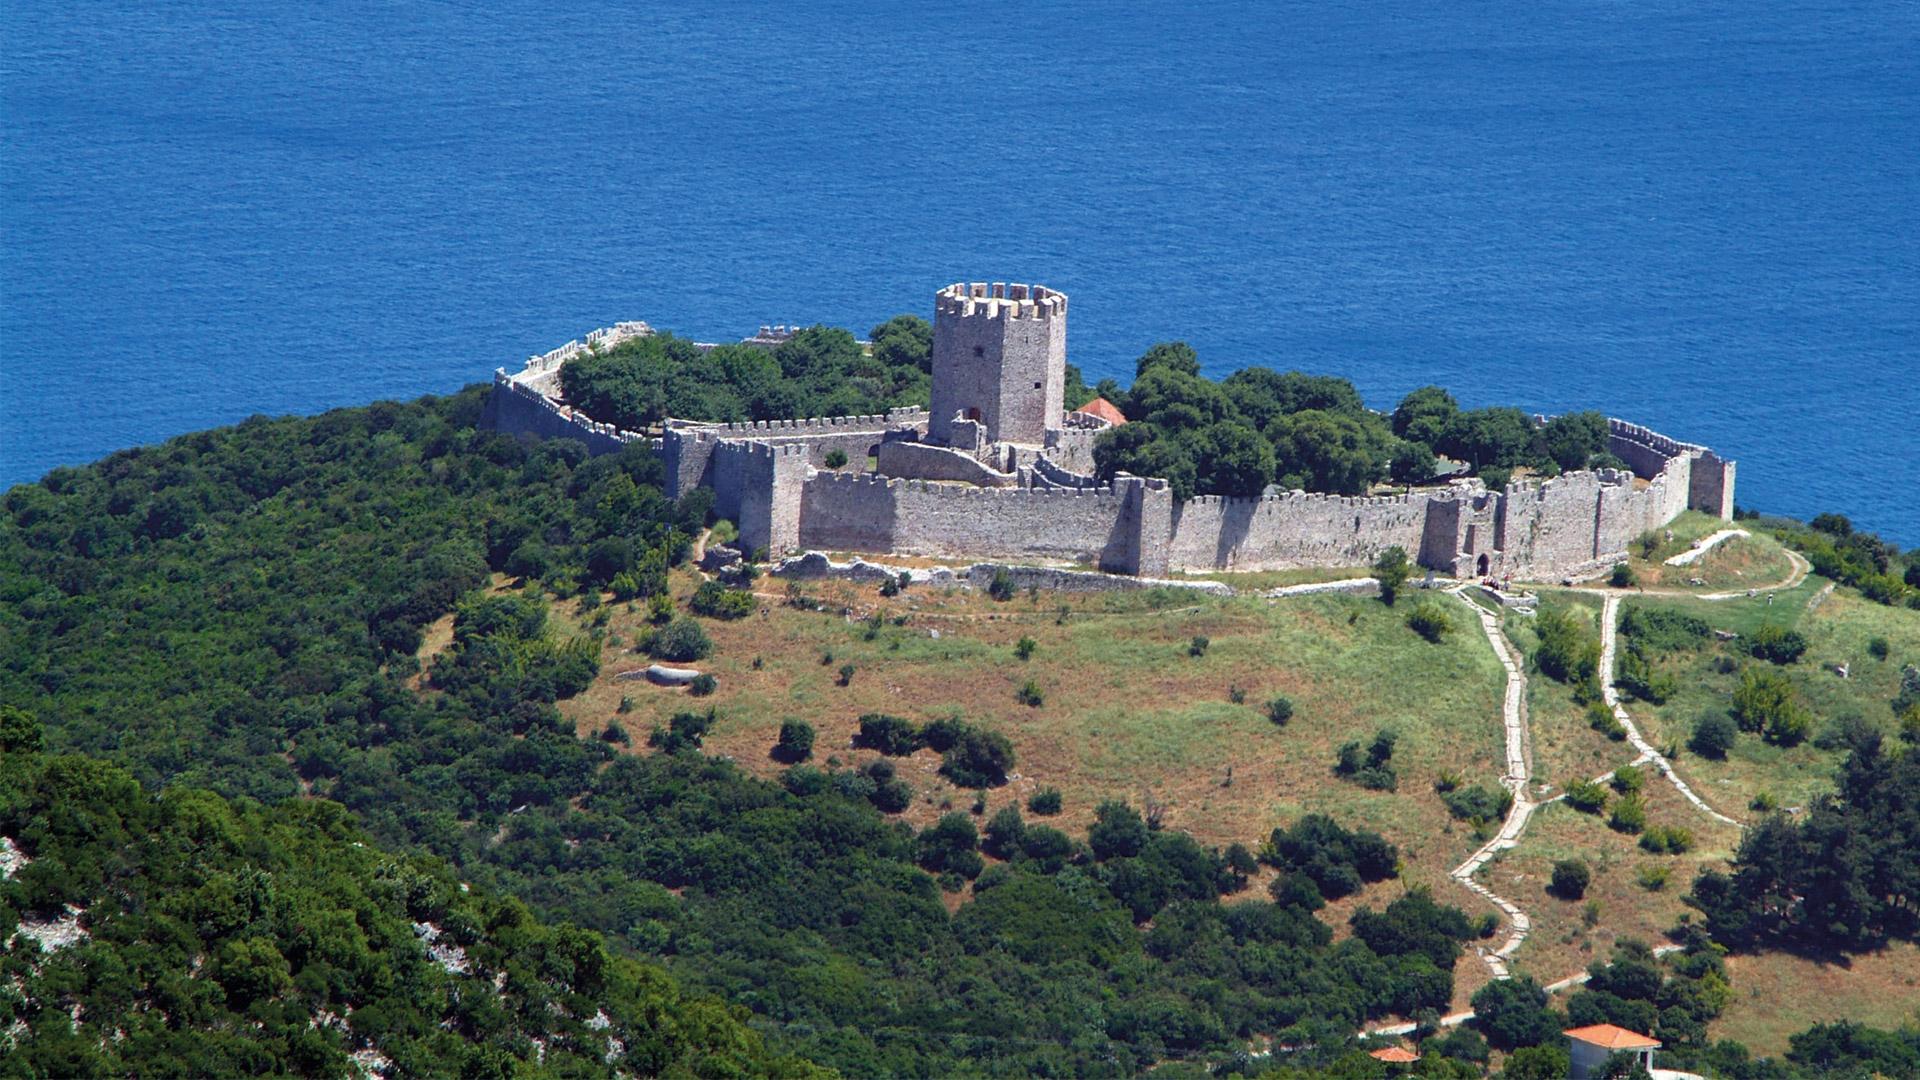 Замок Платамон-Крестоносец, расположенный к юго-востоку от горы Олимп